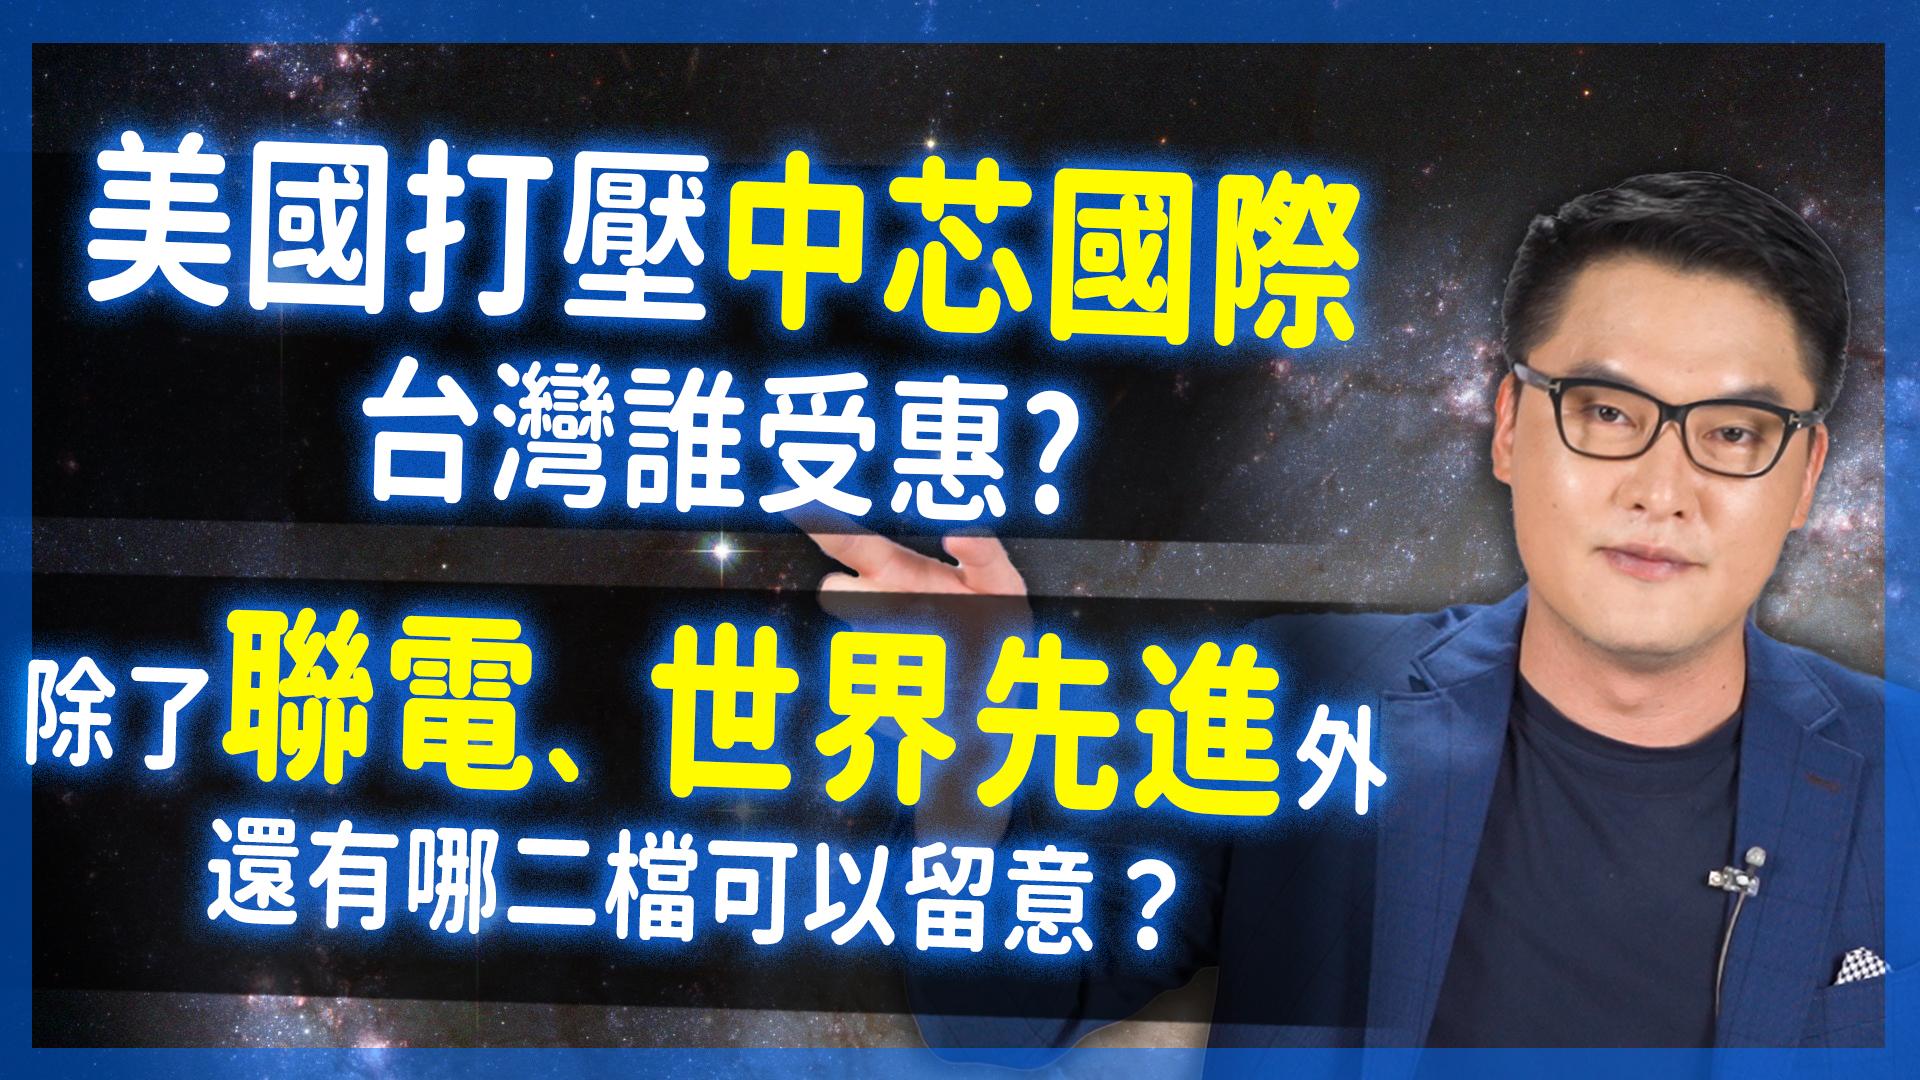 美國打壓中芯國際台灣誰受惠?除了聯電、世界先進外還有哪二檔可以留意?亮哥說給你聽!【股市映幫幫】